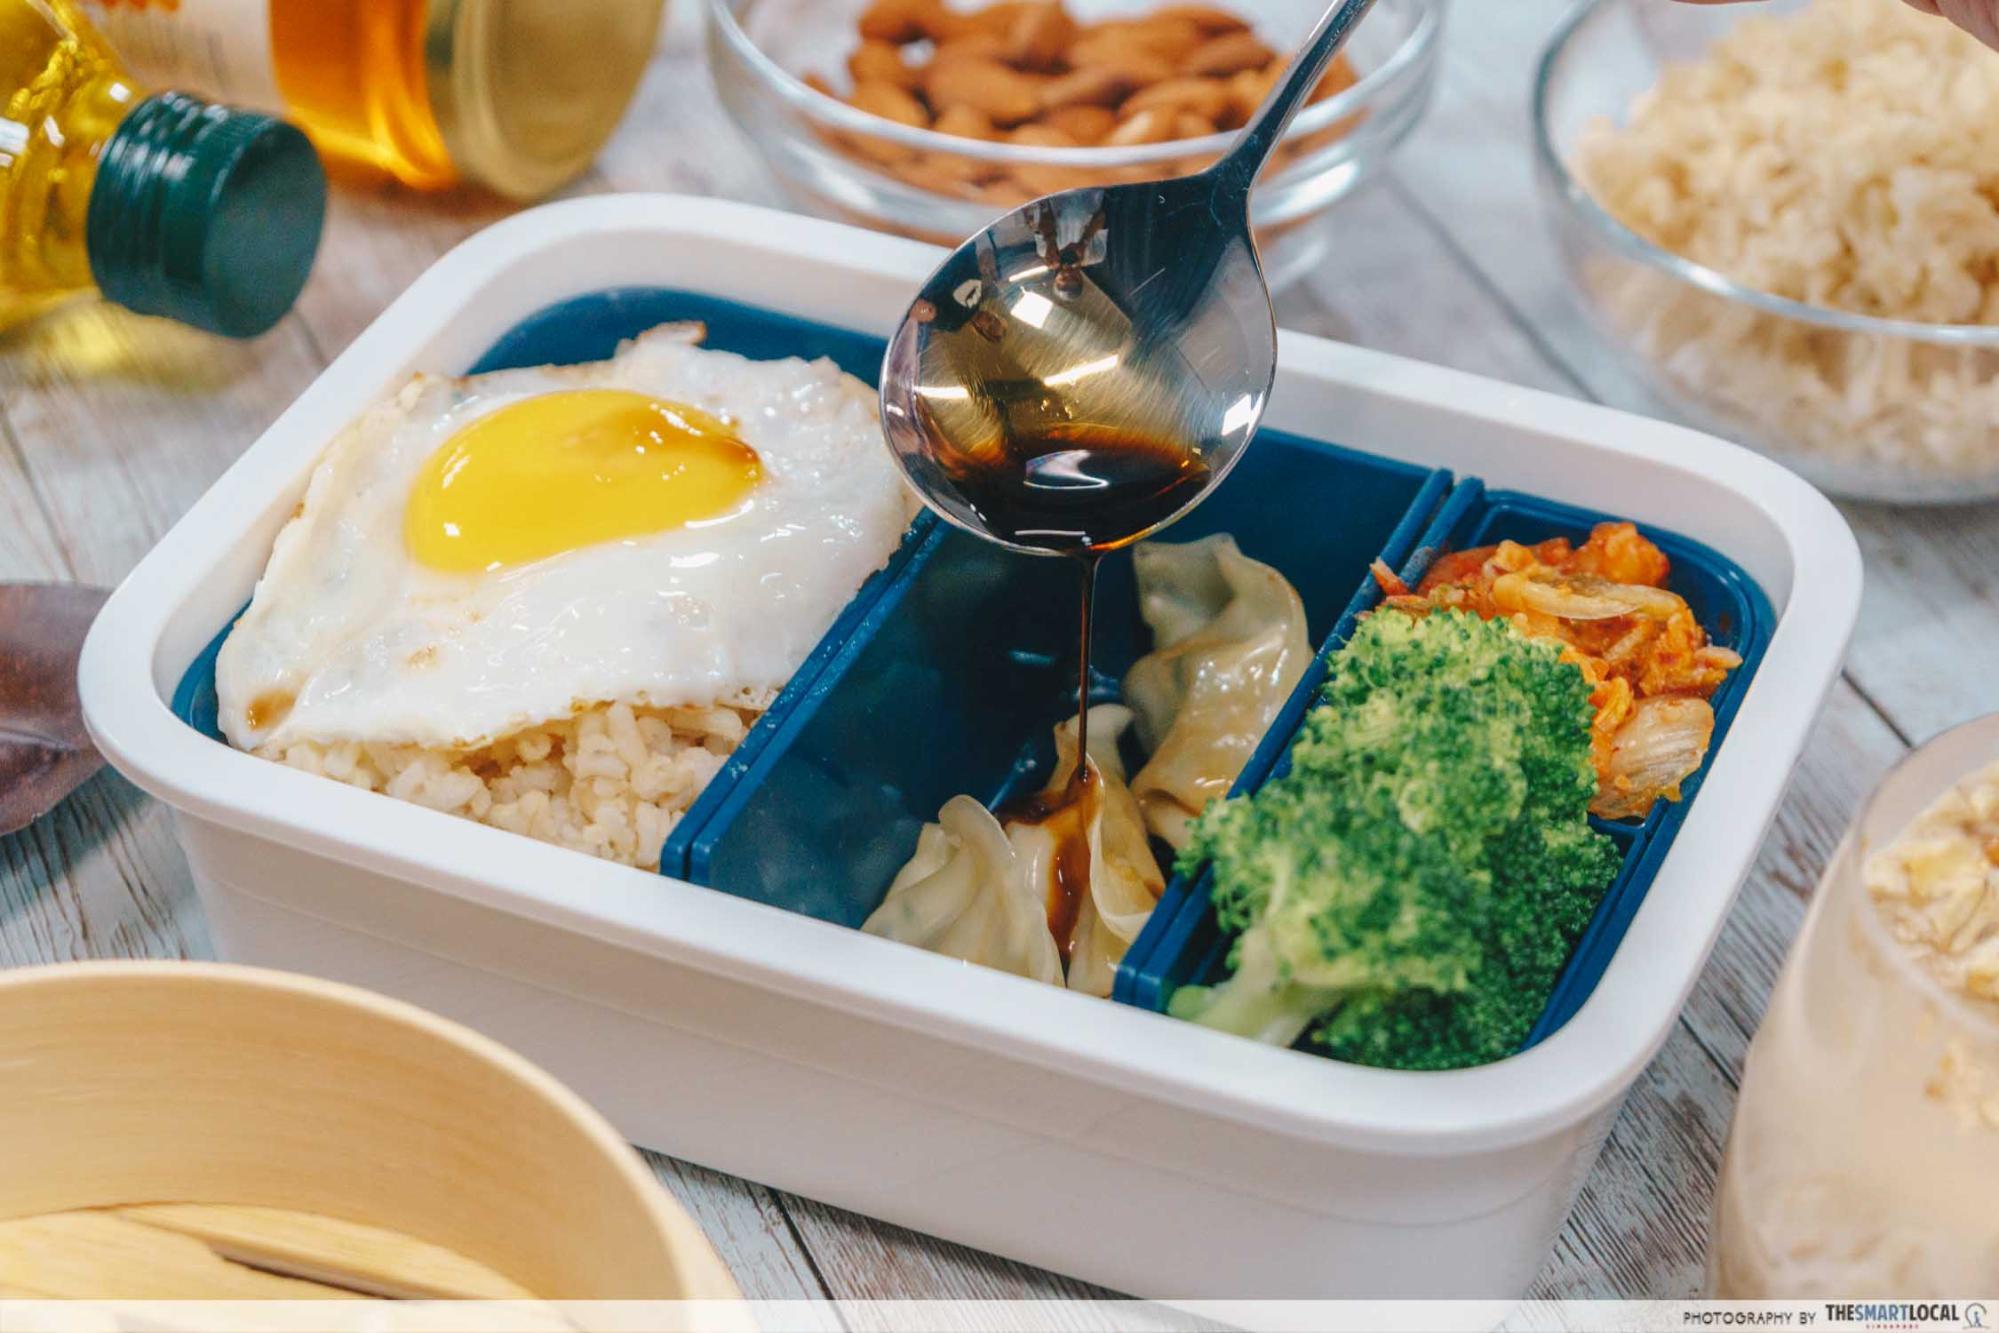 FairPrice Korean bento box chive dumplings